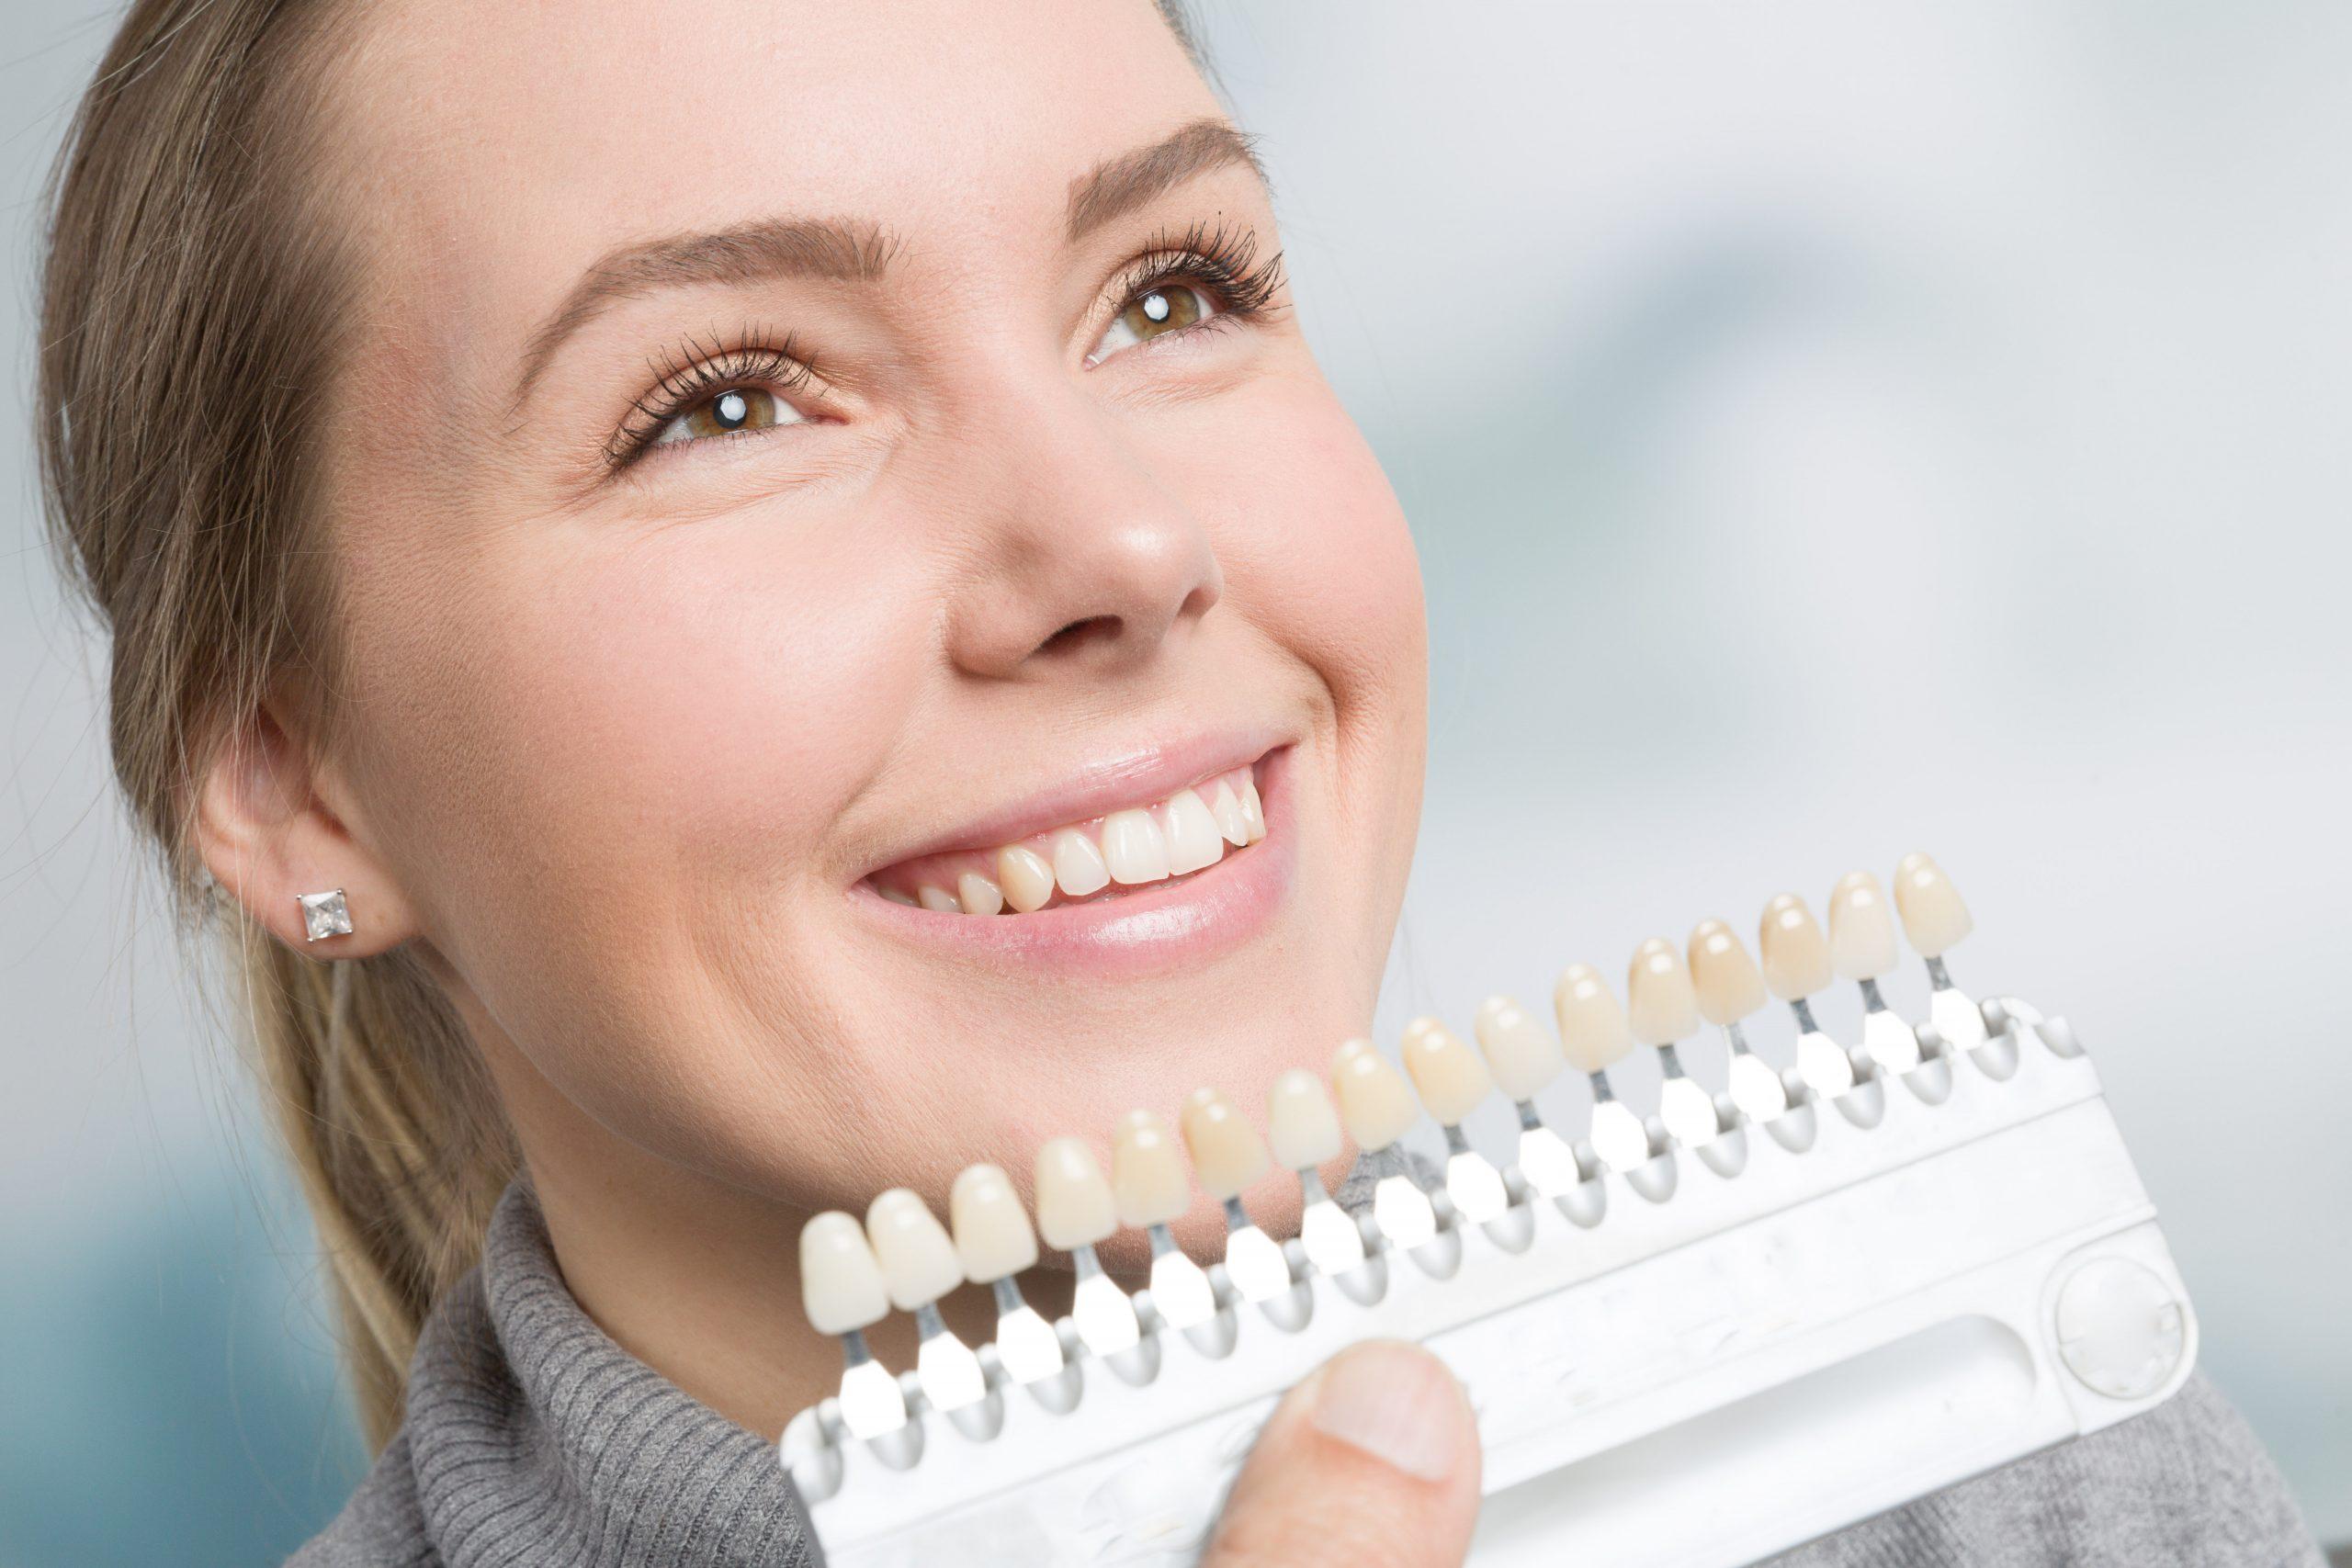 gary teeth whitening